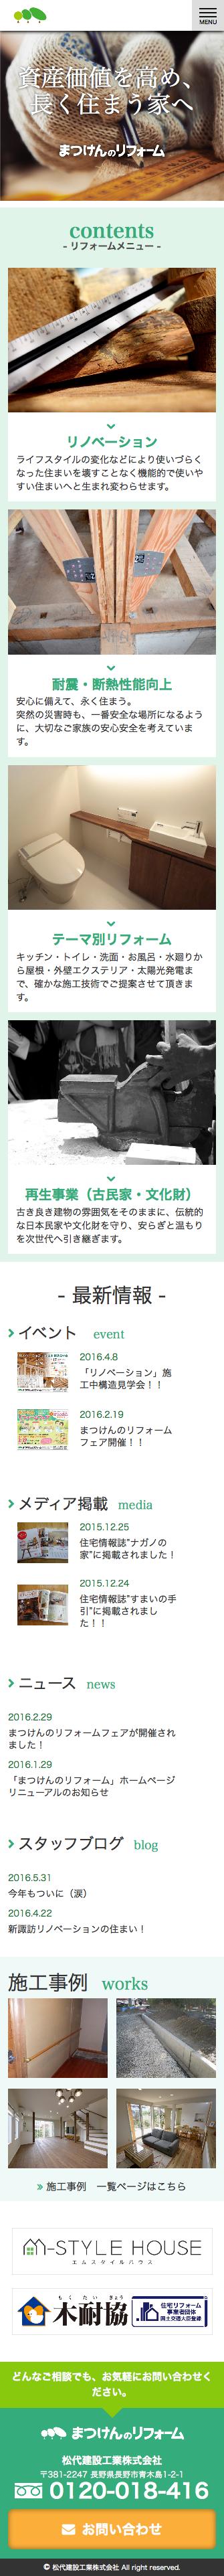 まつけんのリフォーム-matuken-reform.jp(1)